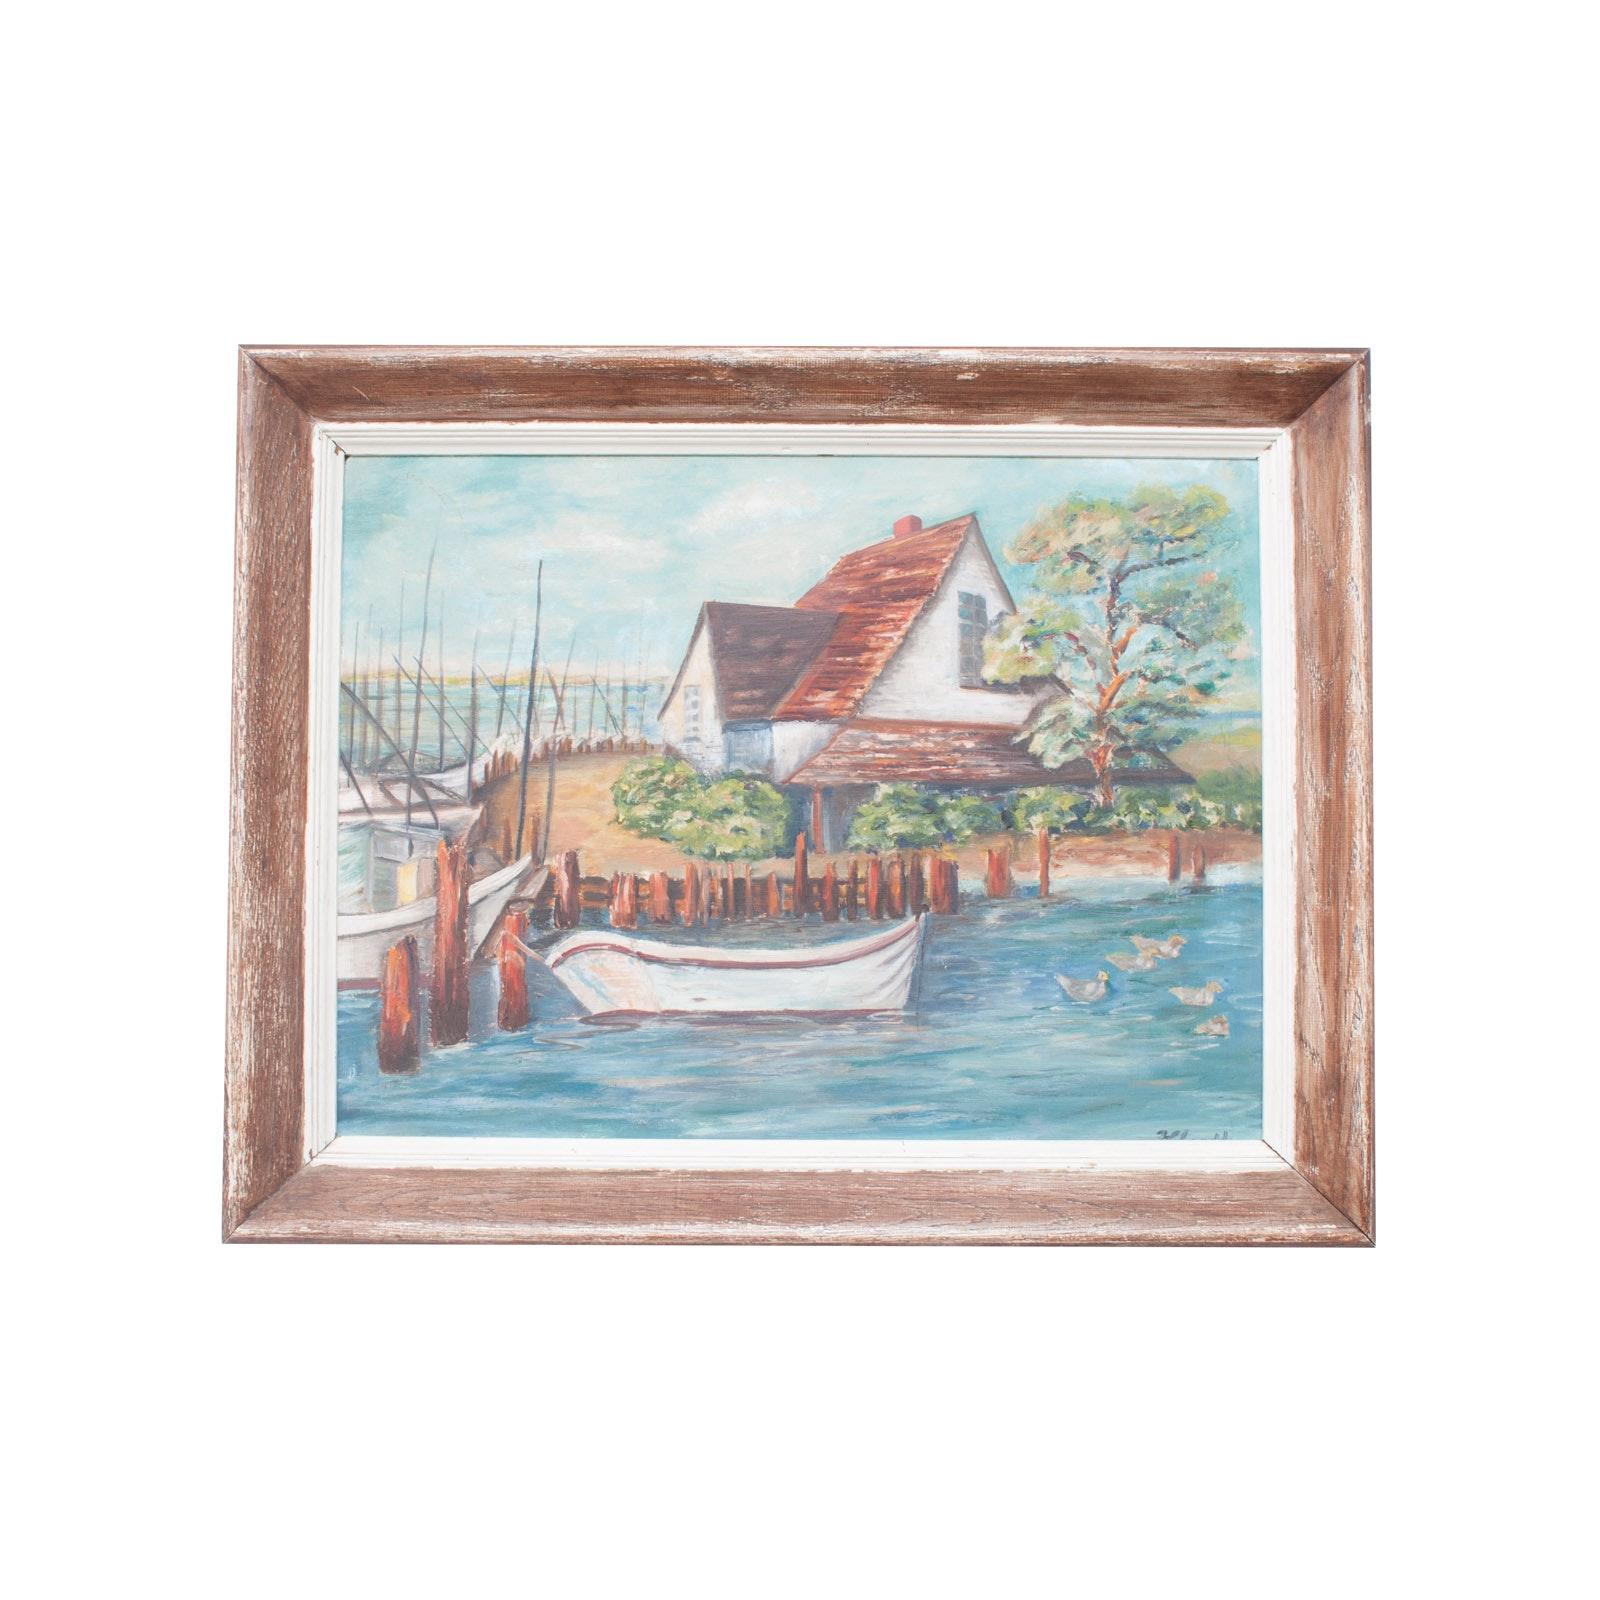 H. Hardler Original Acrylic Painting on Masonite of Nautical Port